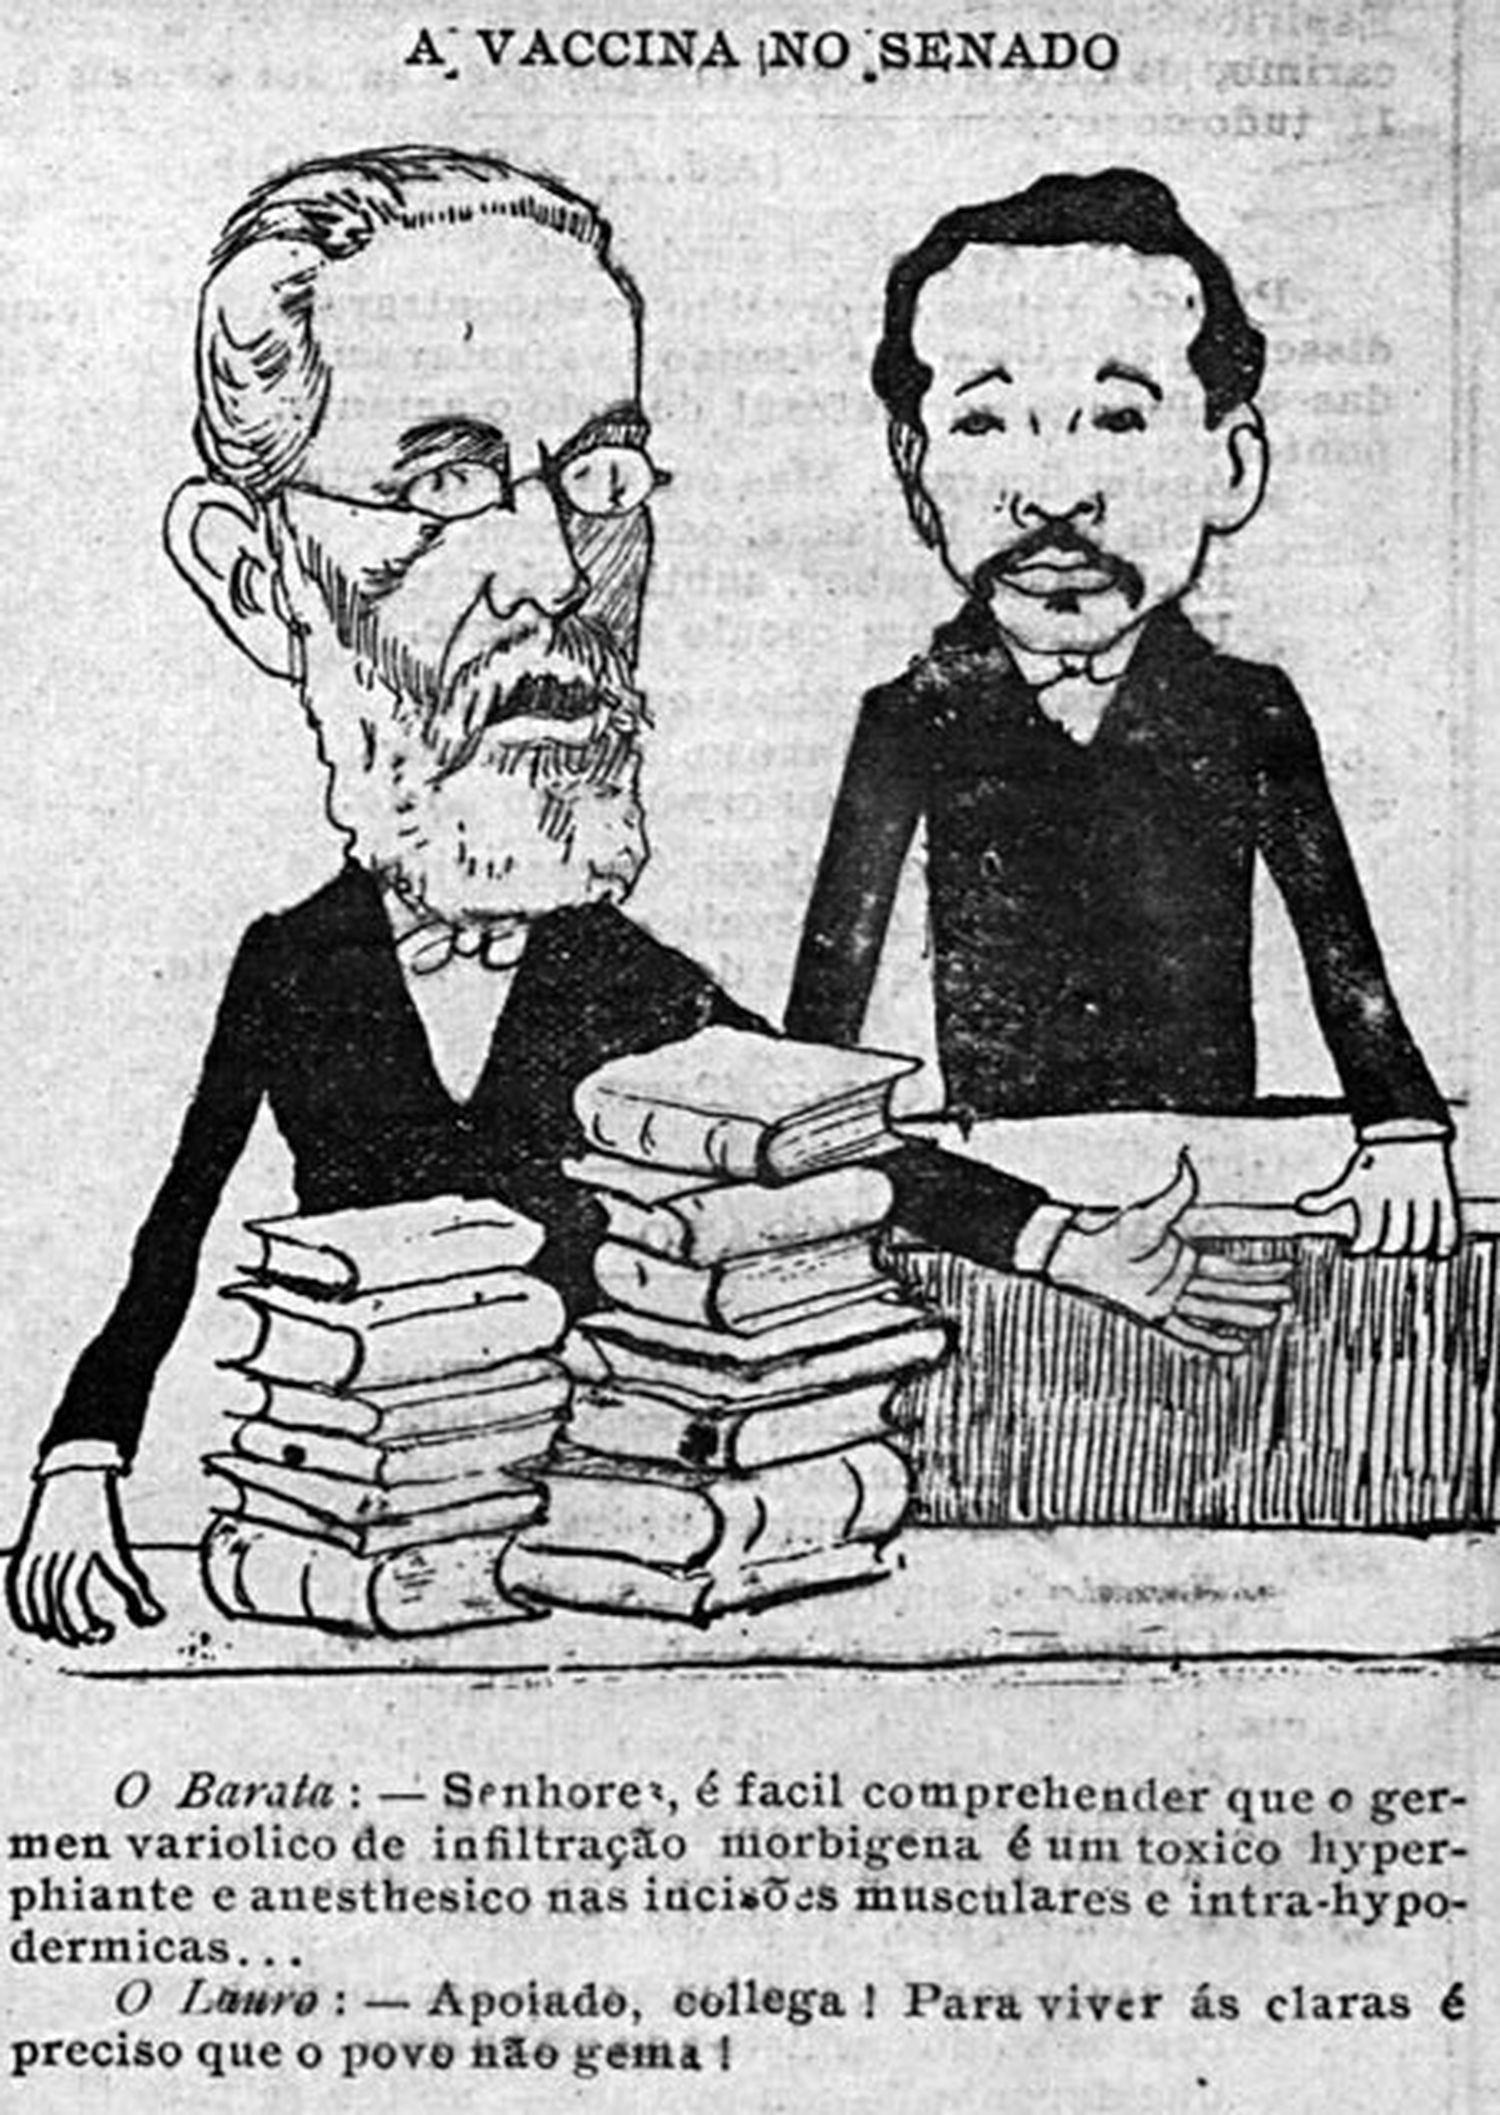 Charge retrata os senadores Barata Ribeiro e Lauro Sodré, inimigos da vacinação obrigatória.